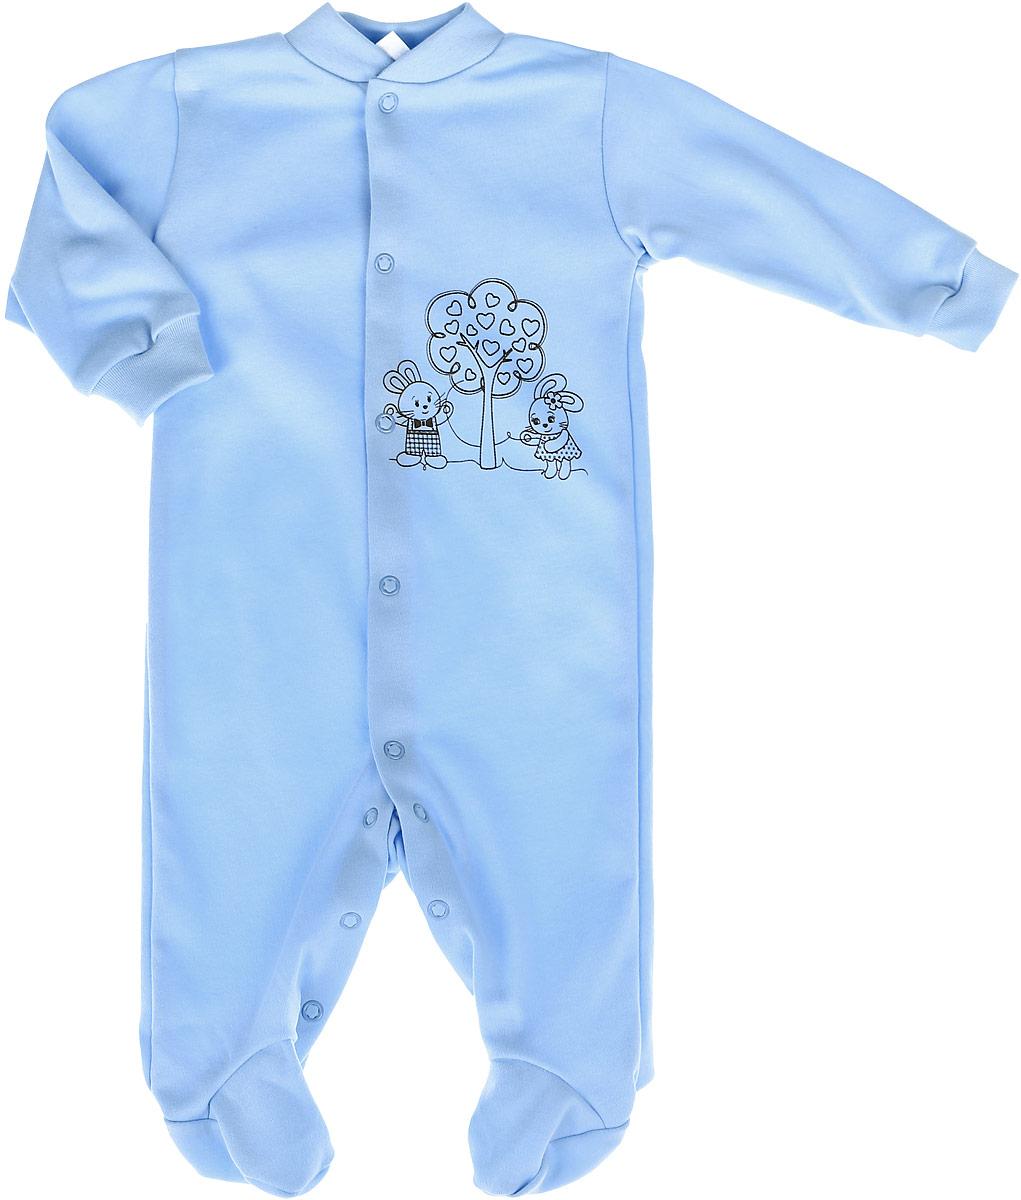 Комбинезон детский КотМарКот, цвет: голубой. 3688. Размер 80, 9-12 месяцев3688Детский комбинезон КотМарКот полностью соответствует особенностям жизни младенца в раннийпериод, не стесняя и не ограничивая его в движениях. Выполненный из мягкого натурального хлопка, он очень приятный наощупь, не раздражает нежную и чувствительную кожу ребенка, позволяя ей дышать. Комбинезон с круглым вырезом горловины, длинными рукавами и закрытыми ножками имеет застежки-кнопкиспереди и на ластовице, которые помогают легко переодеть младенца или сменить подгузник. Низ рукавовдополнен мягкими широкими манжетами, бережно обхватывающими запястья малыша. Спереди модель украшенапринтом с изображением очаровательных зайчат под деревом. Такой комбинезон полностью соответствуют особенностям жизни малыша в ранний период, не стесняя и не ограничивая его в движениях, и прекрасно подойдет для активных игр и сна.